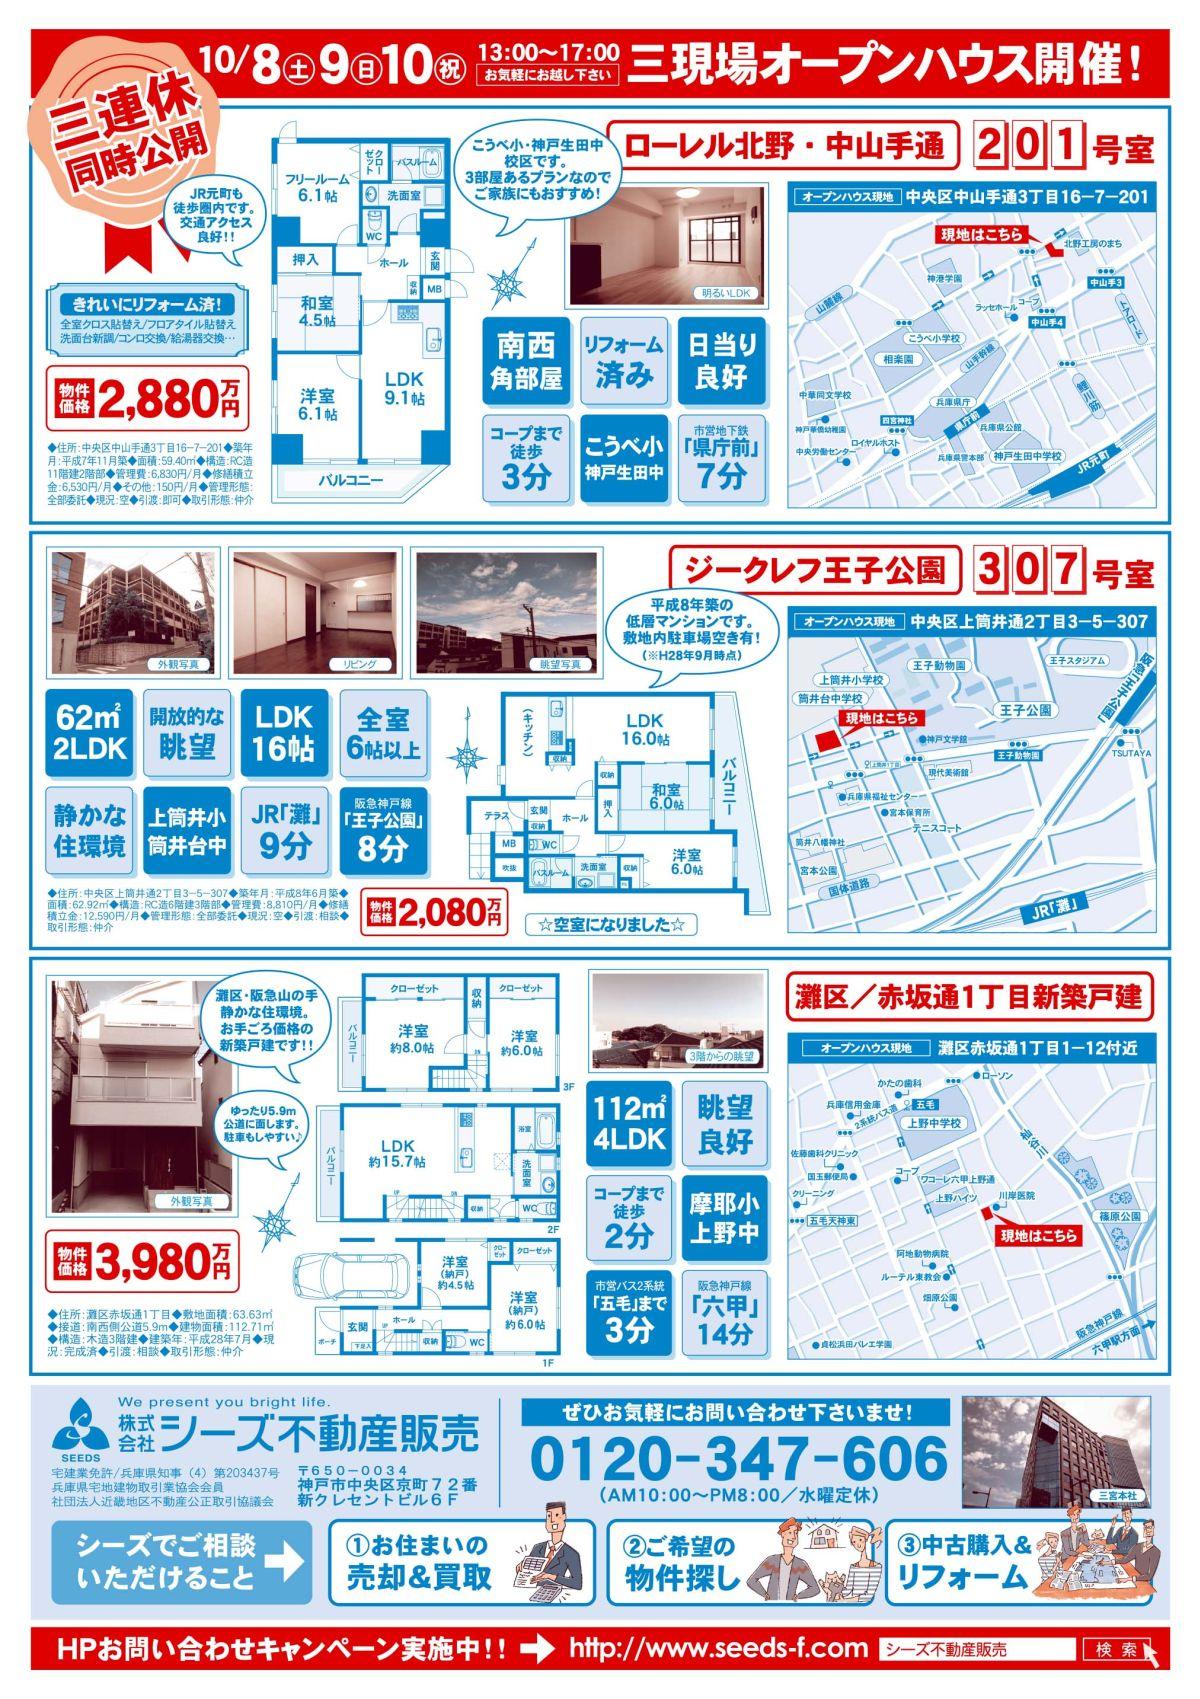 10月8日折込オモテ(ローレル北野+ジークレフ